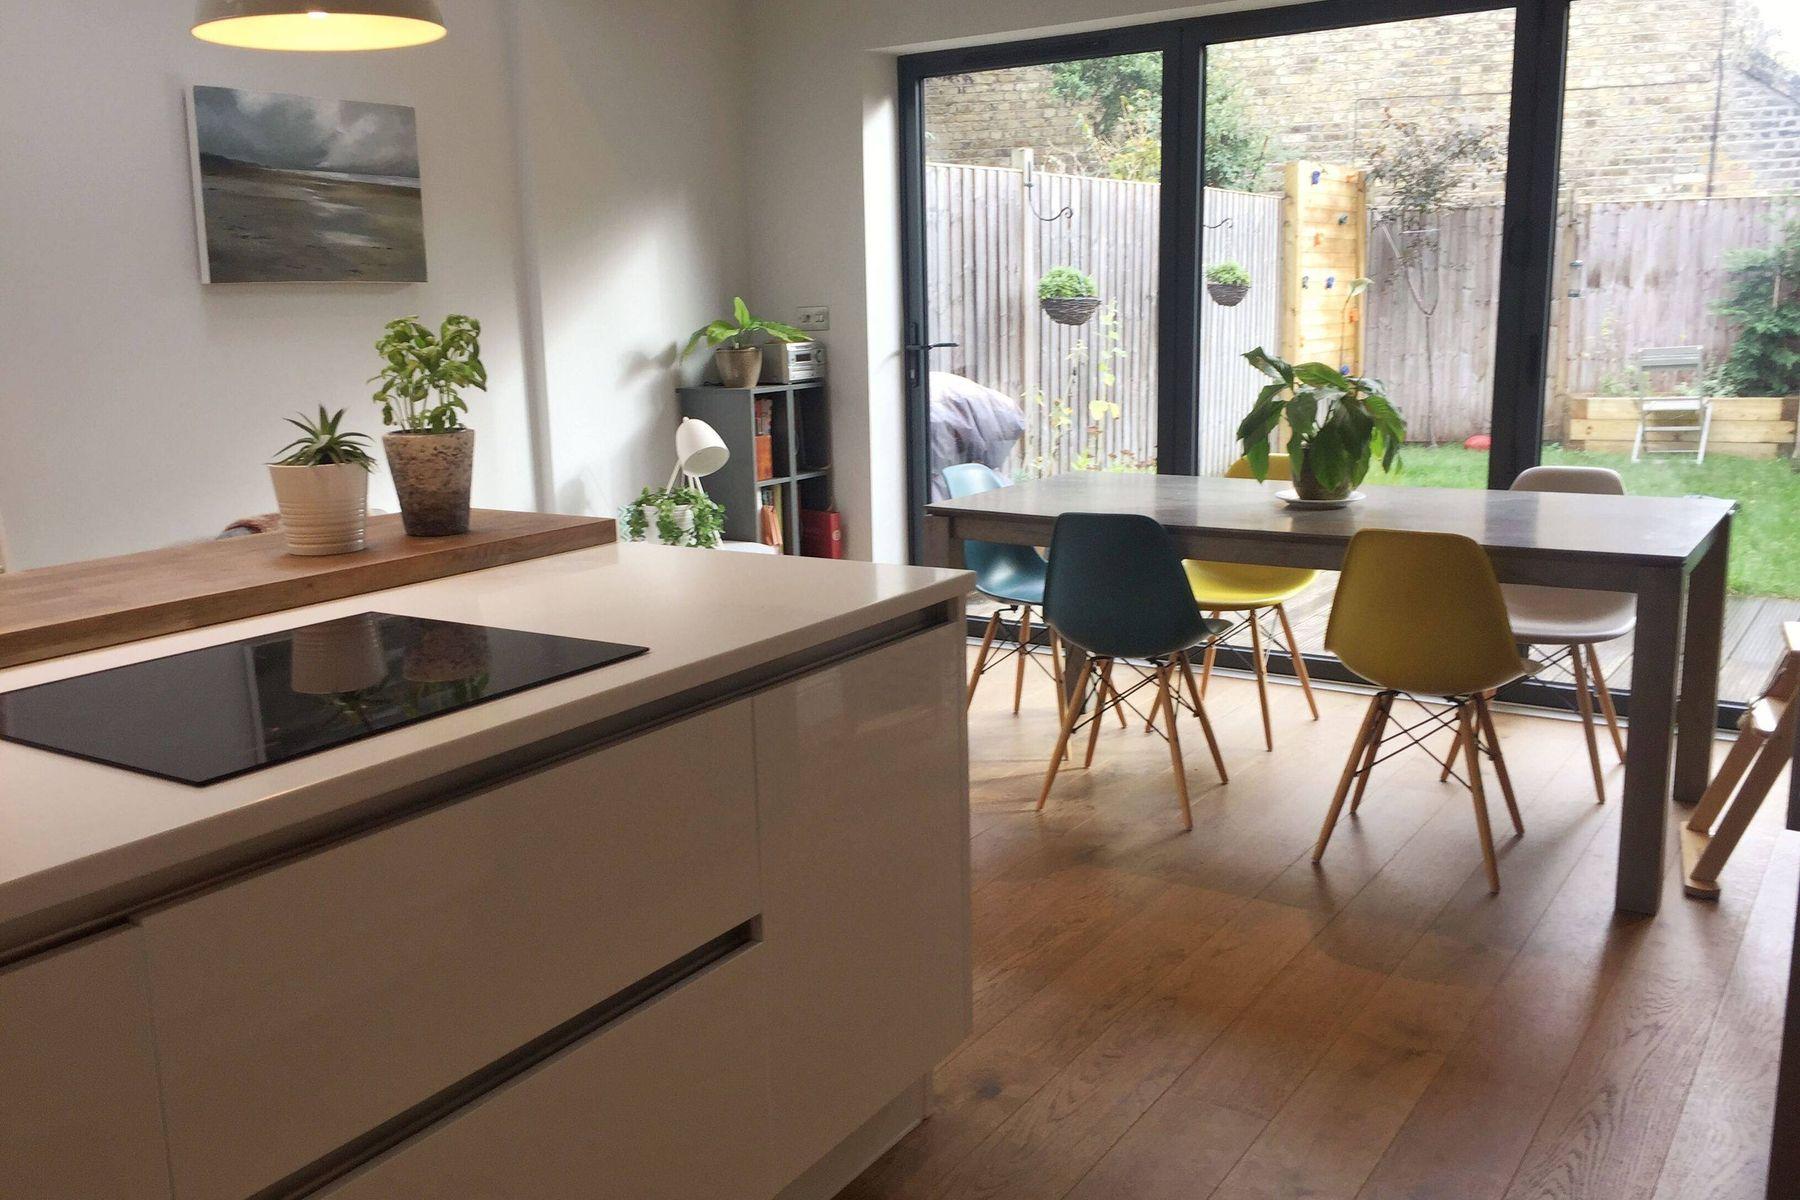 Sala conjugada com cozinha com jardim ao fundo.